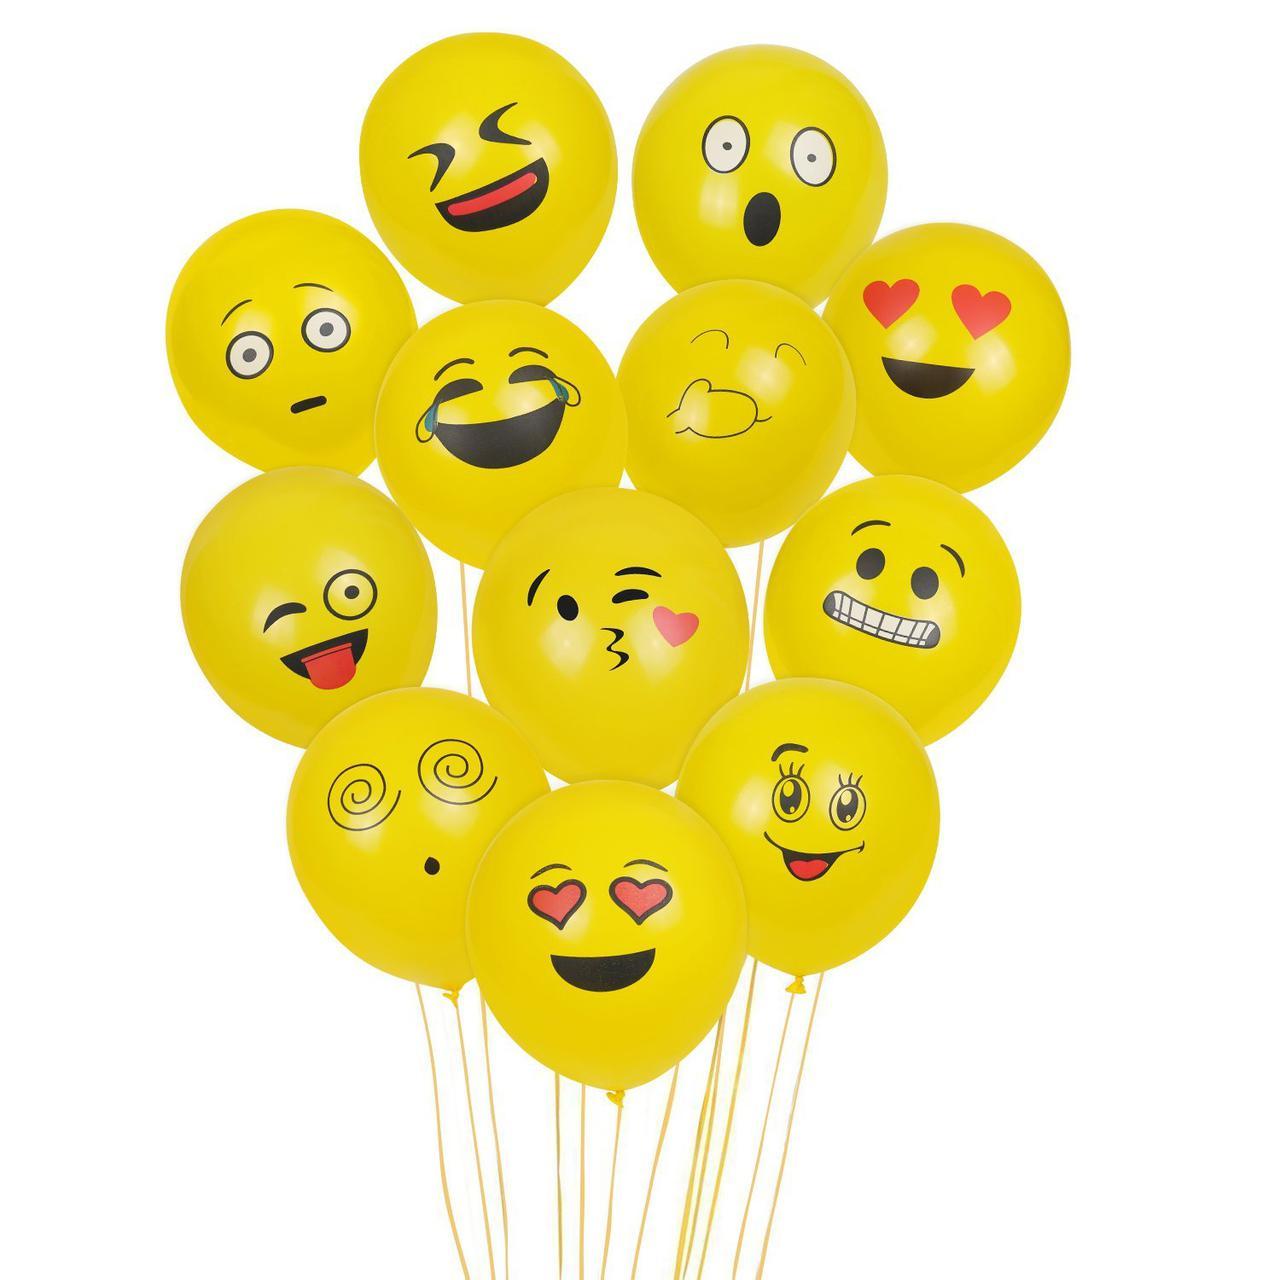 Набор 100 надувных шаров Эмодзи - Cookey Emoji Luftballon